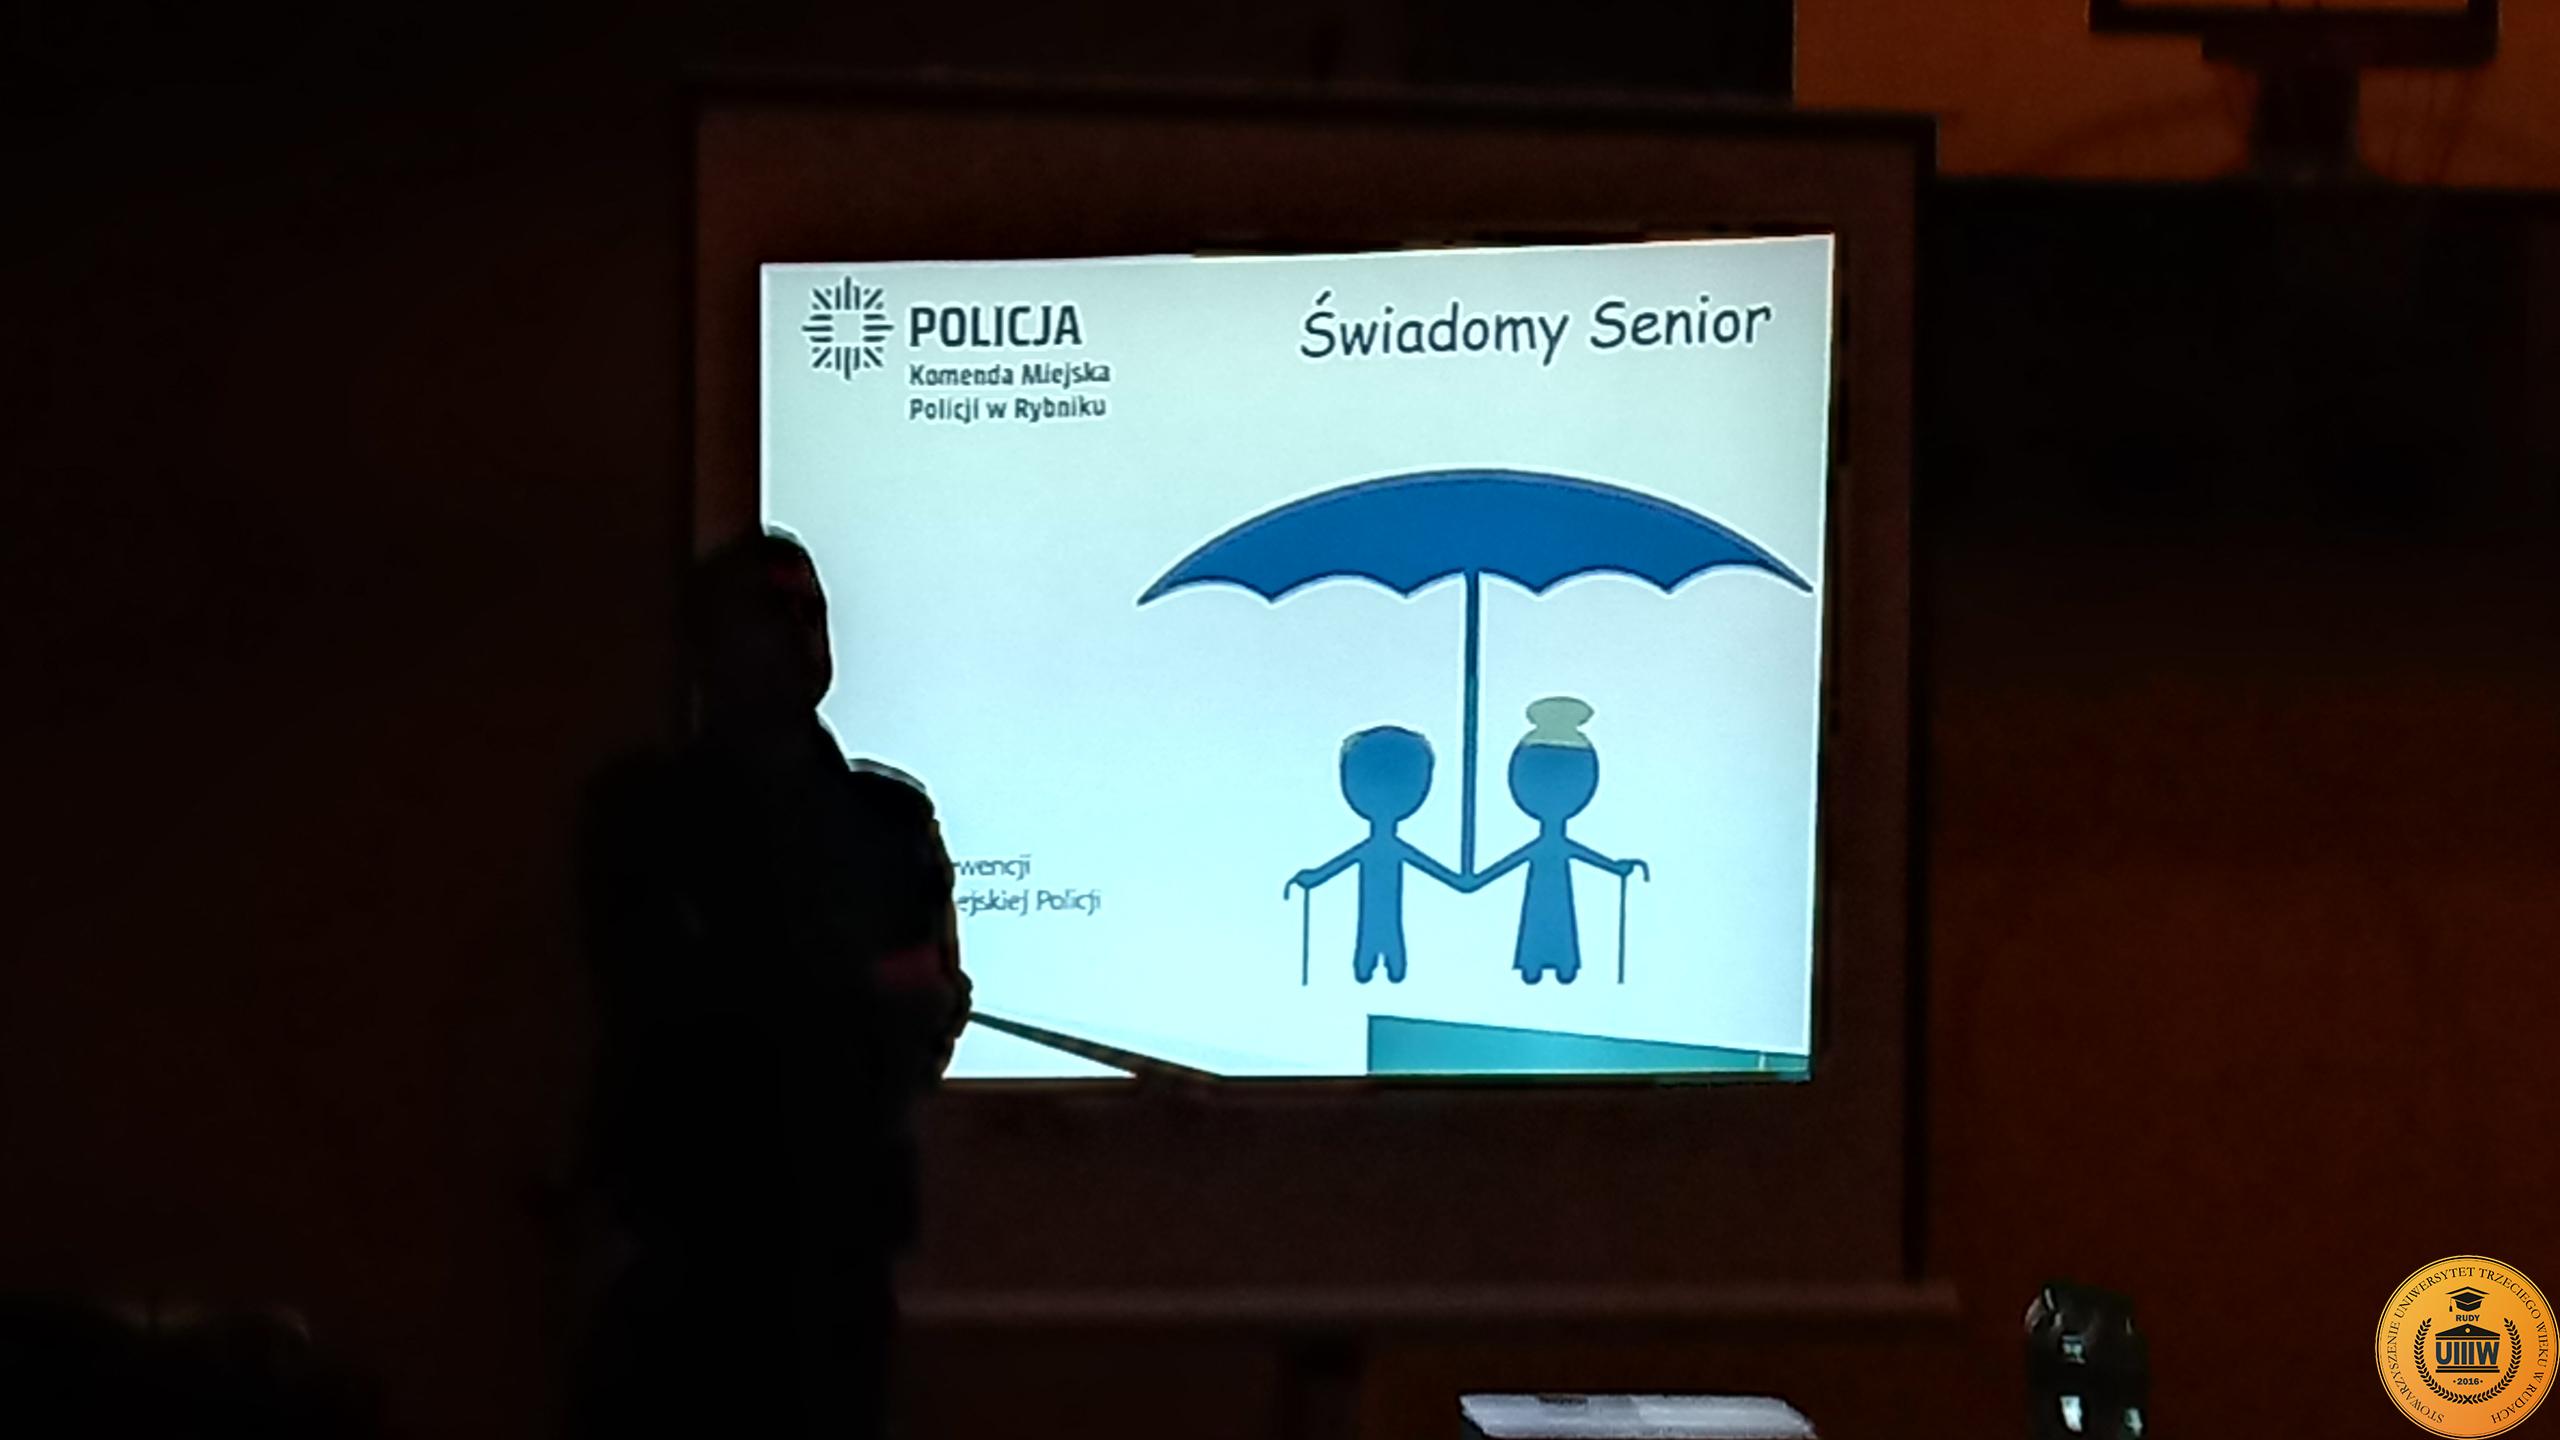 Czego dowiedzieliśmy się od przedstawicieli Policji na spotkaniu 25.11.2019?